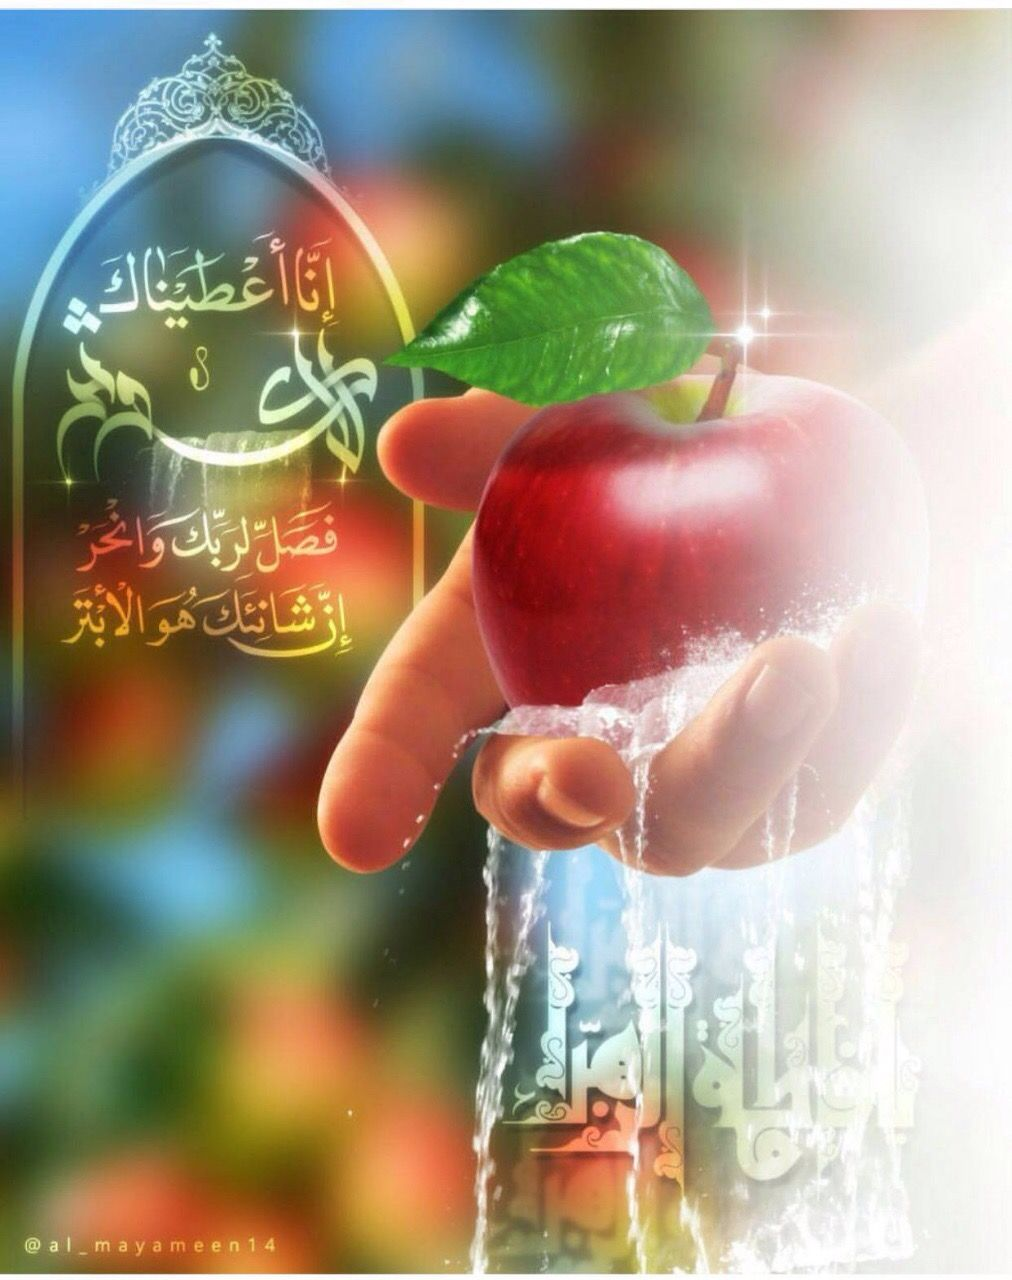 مبروك علينا ولادة بضعة رسول الله مولاتي الزهراء صلوات الله وسلامه عليهما Vegetables Radish Hazrat Imam Hussain